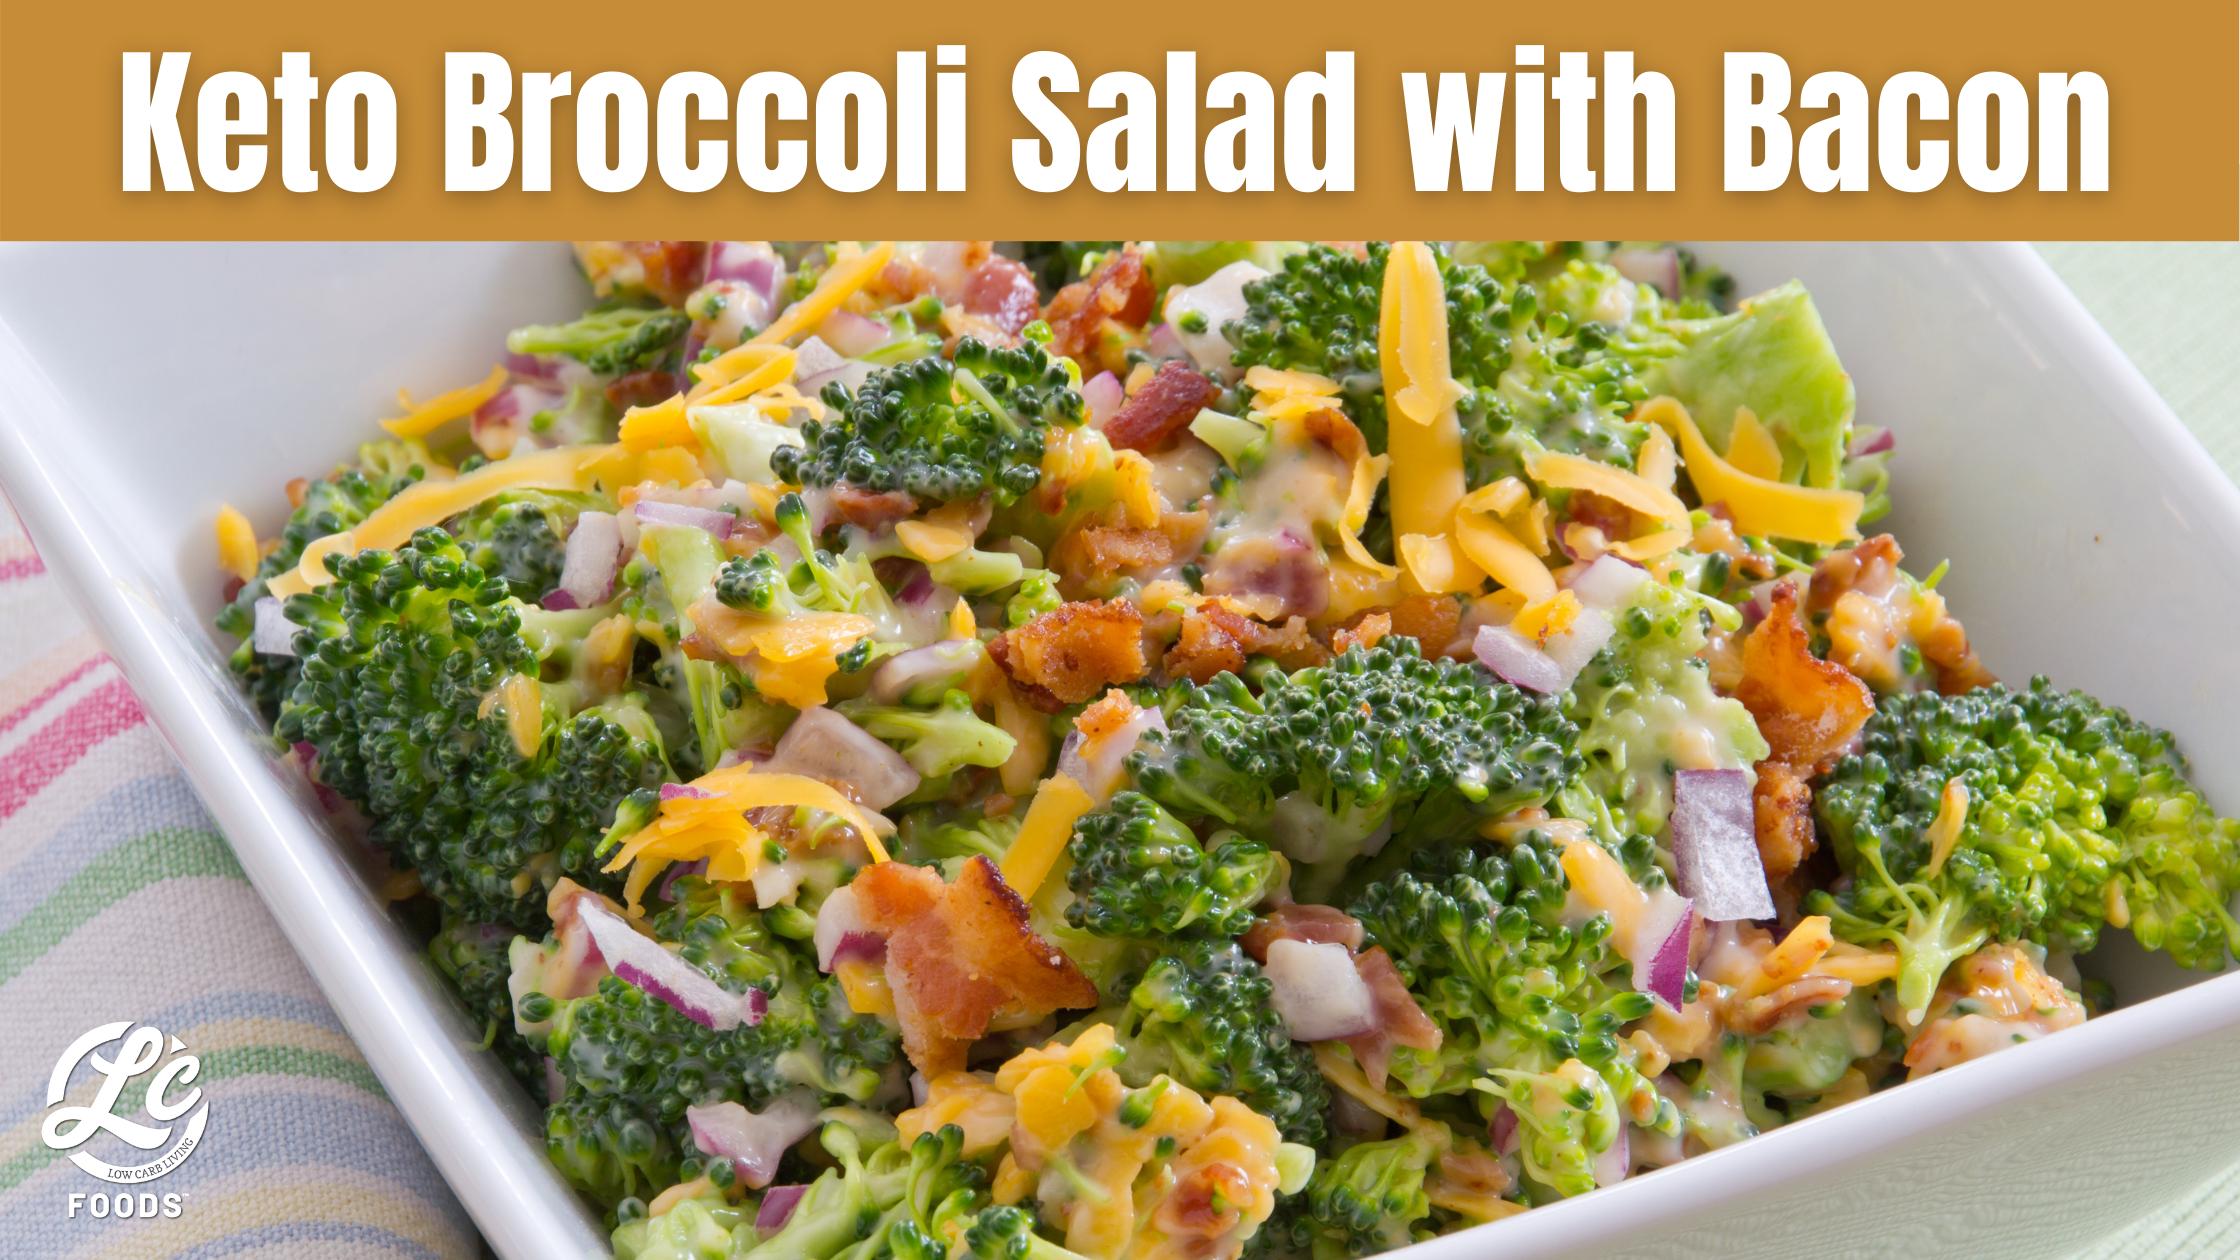 Thumbnail for Keto Broccoli Salad with Bacon